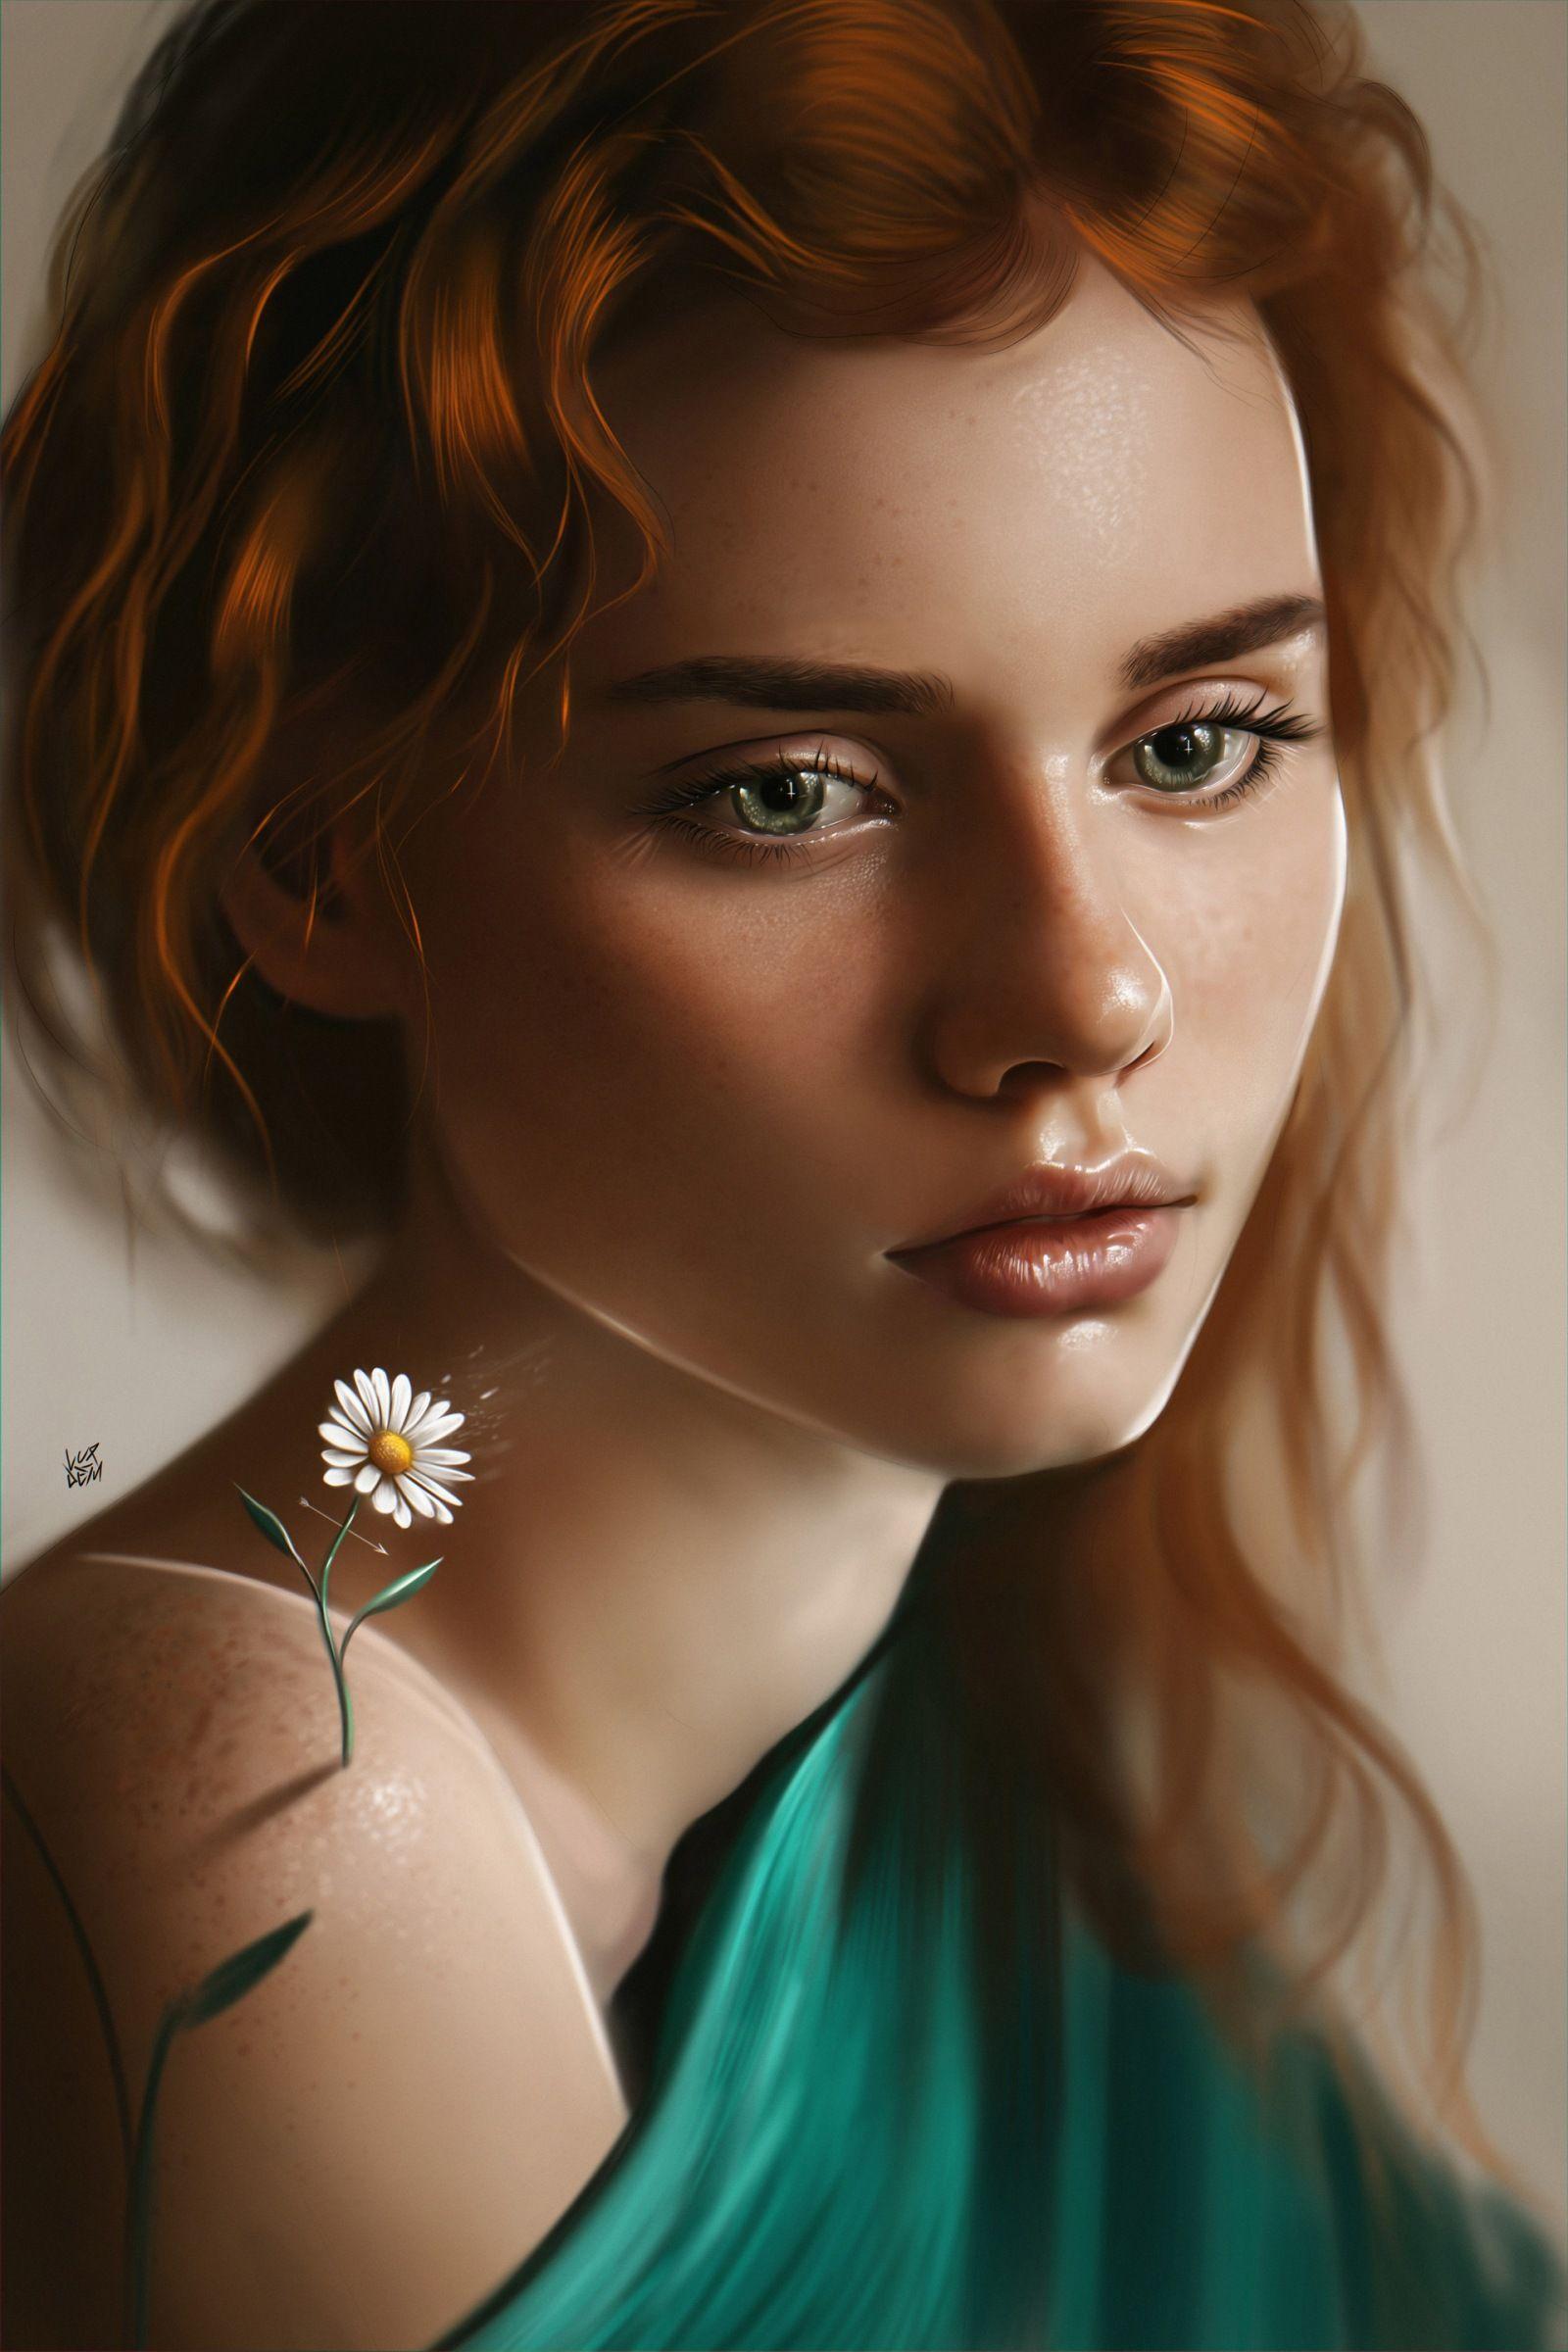 Картинки красивые с девушками нарисованные